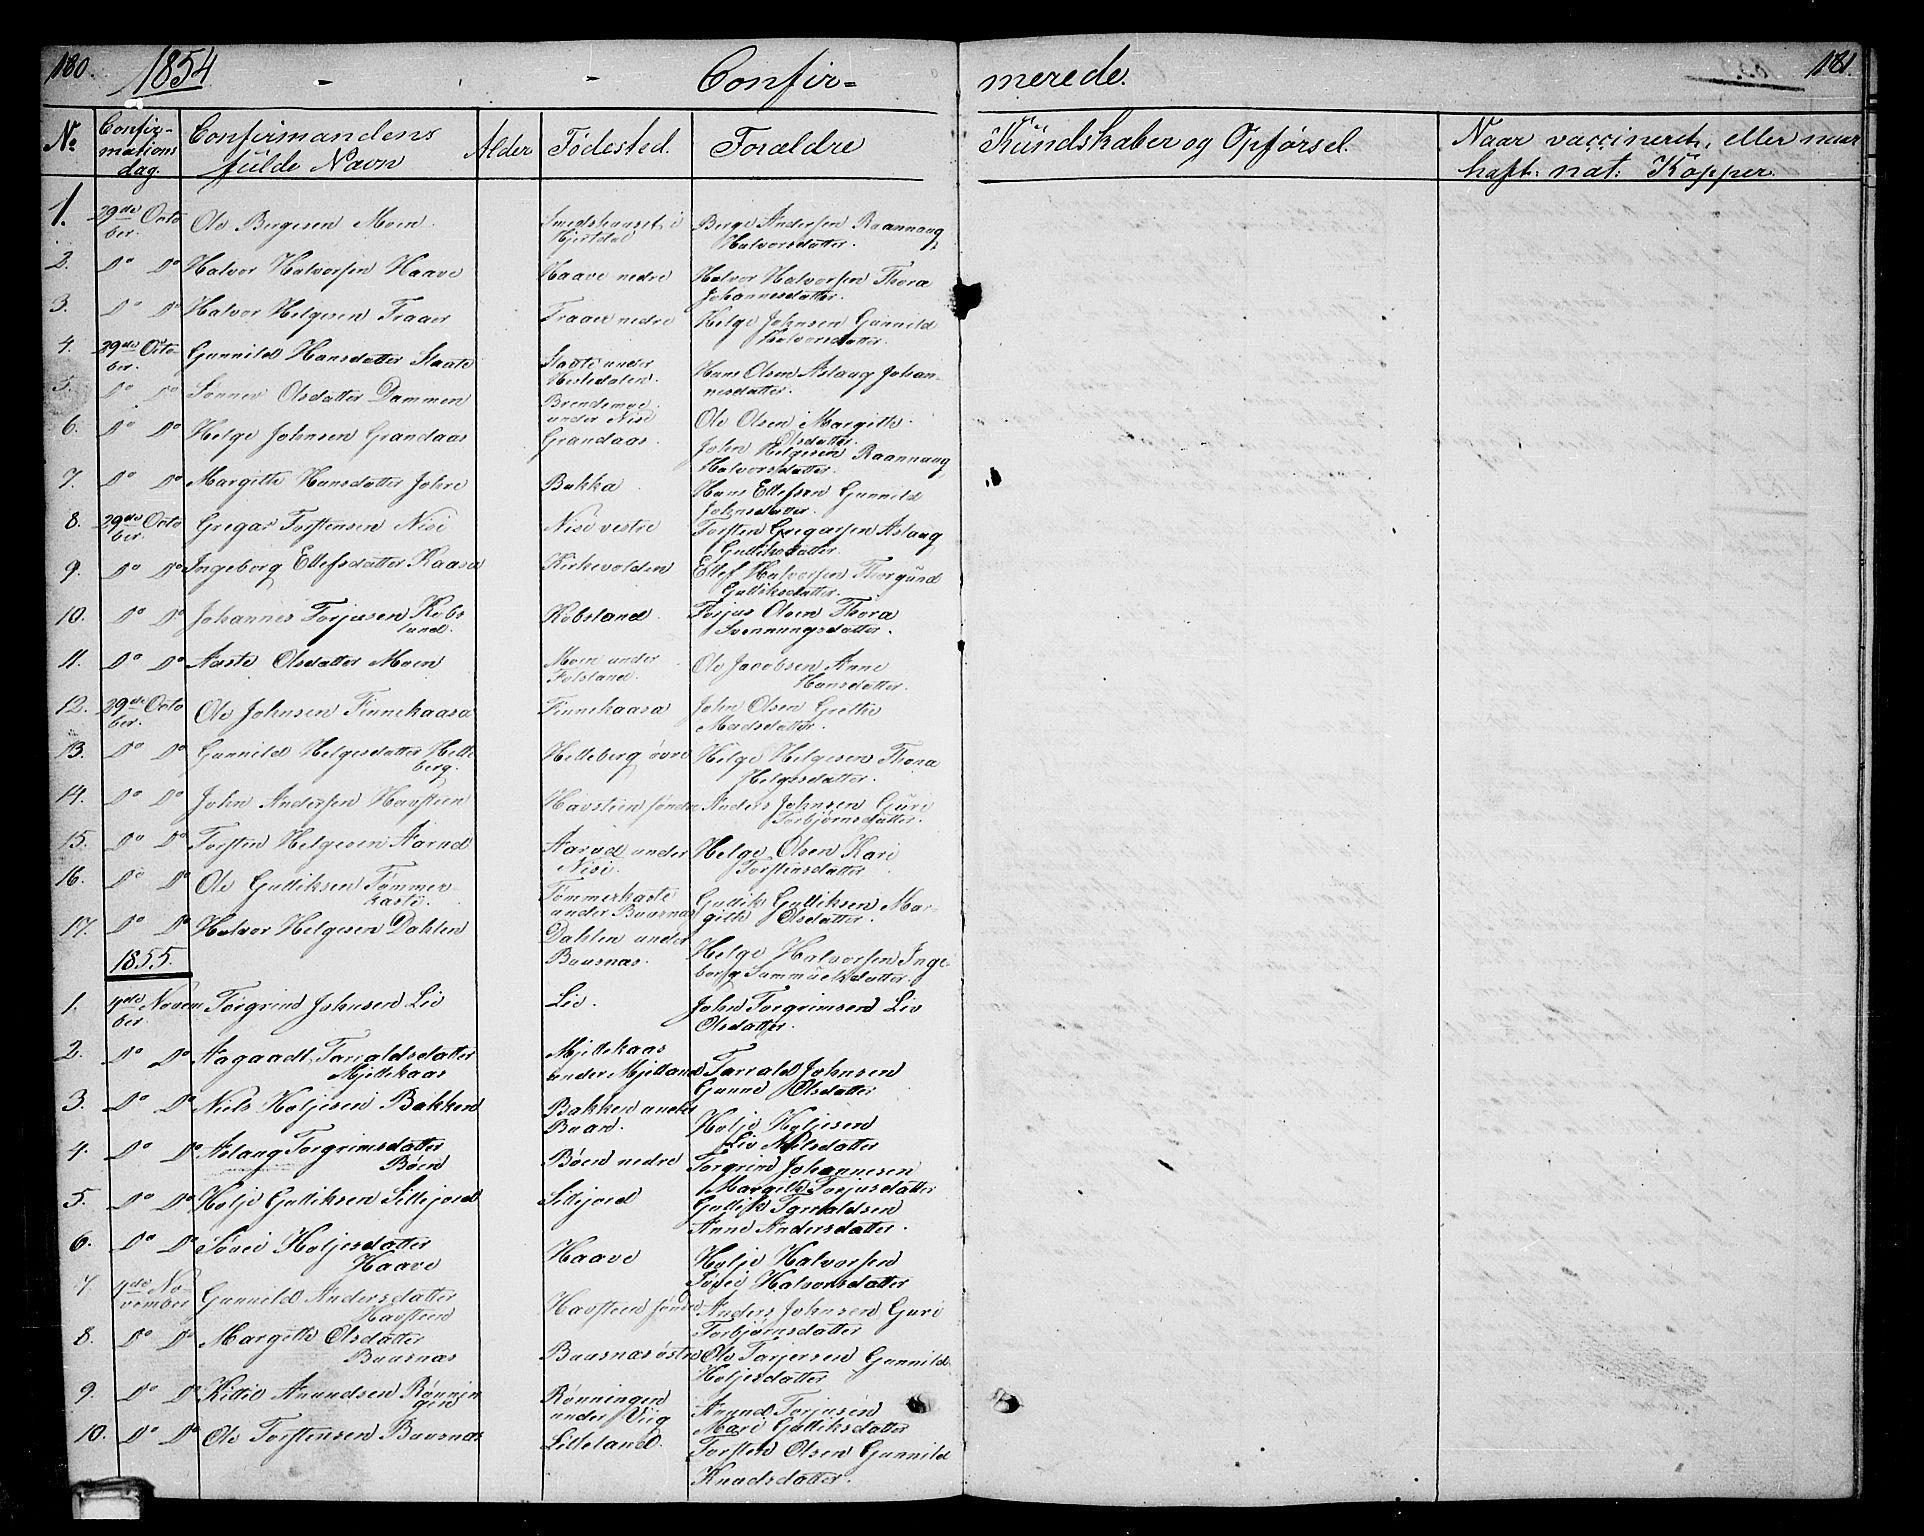 SAKO, Gransherad kirkebøker, G/Ga/L0002: Klokkerbok nr. I 2, 1854-1886, s. 180-181